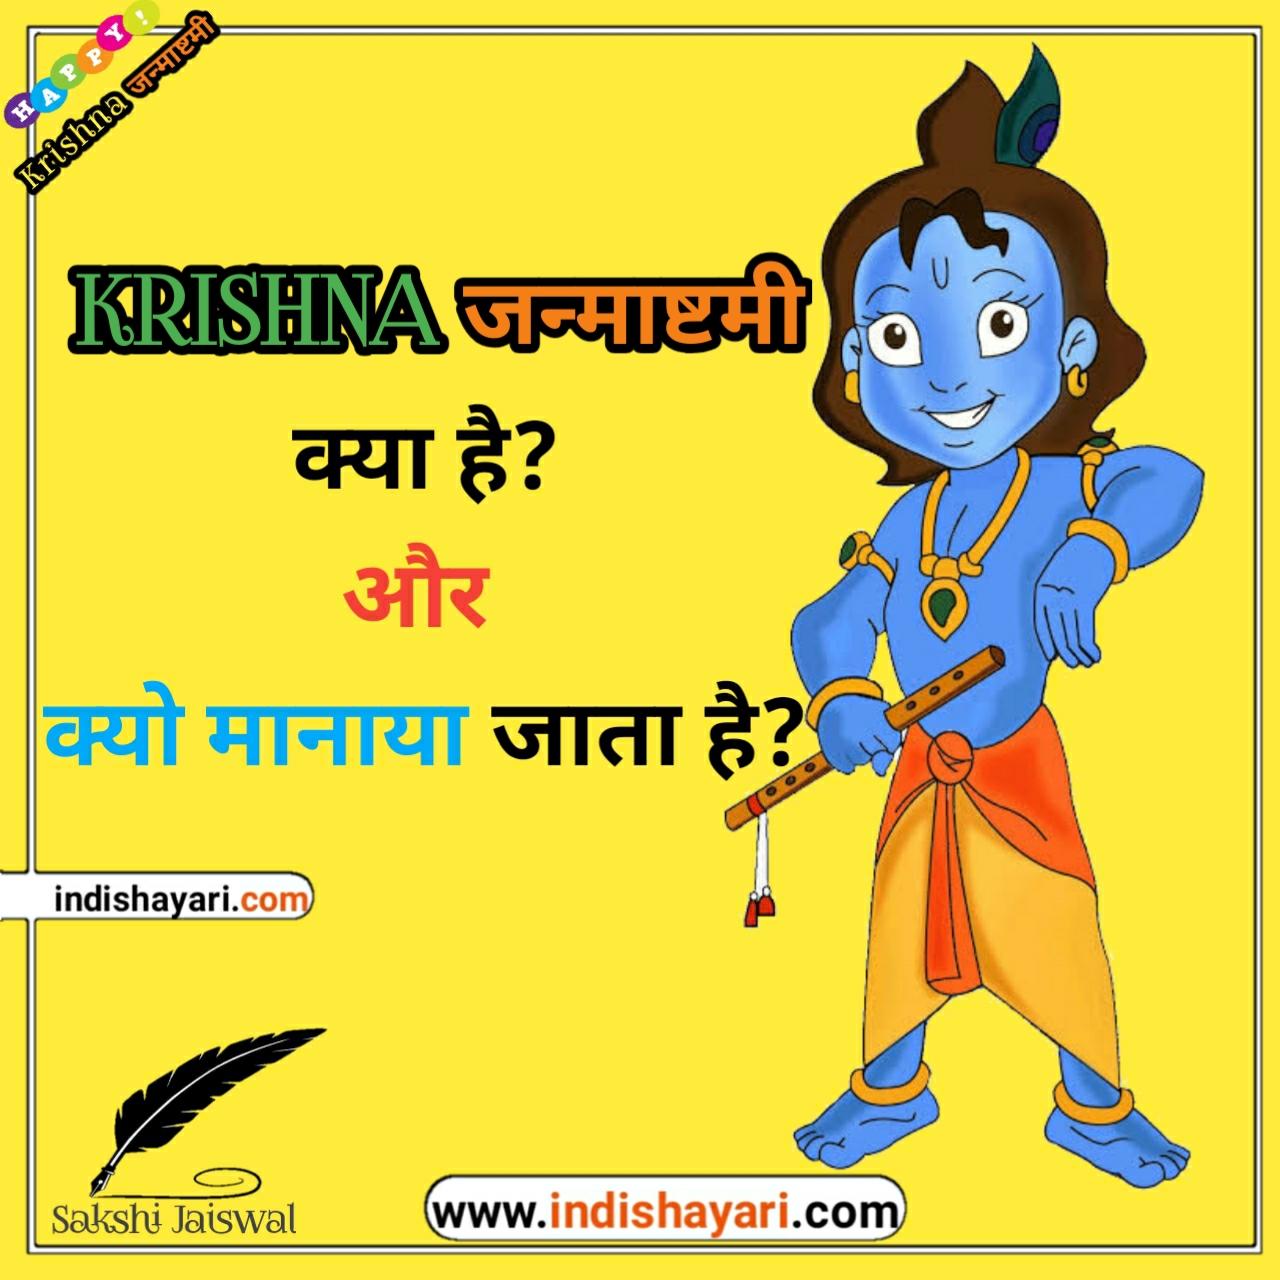 Krishna Janmashtami Kya Hai Aur Kyu Manate Hai?